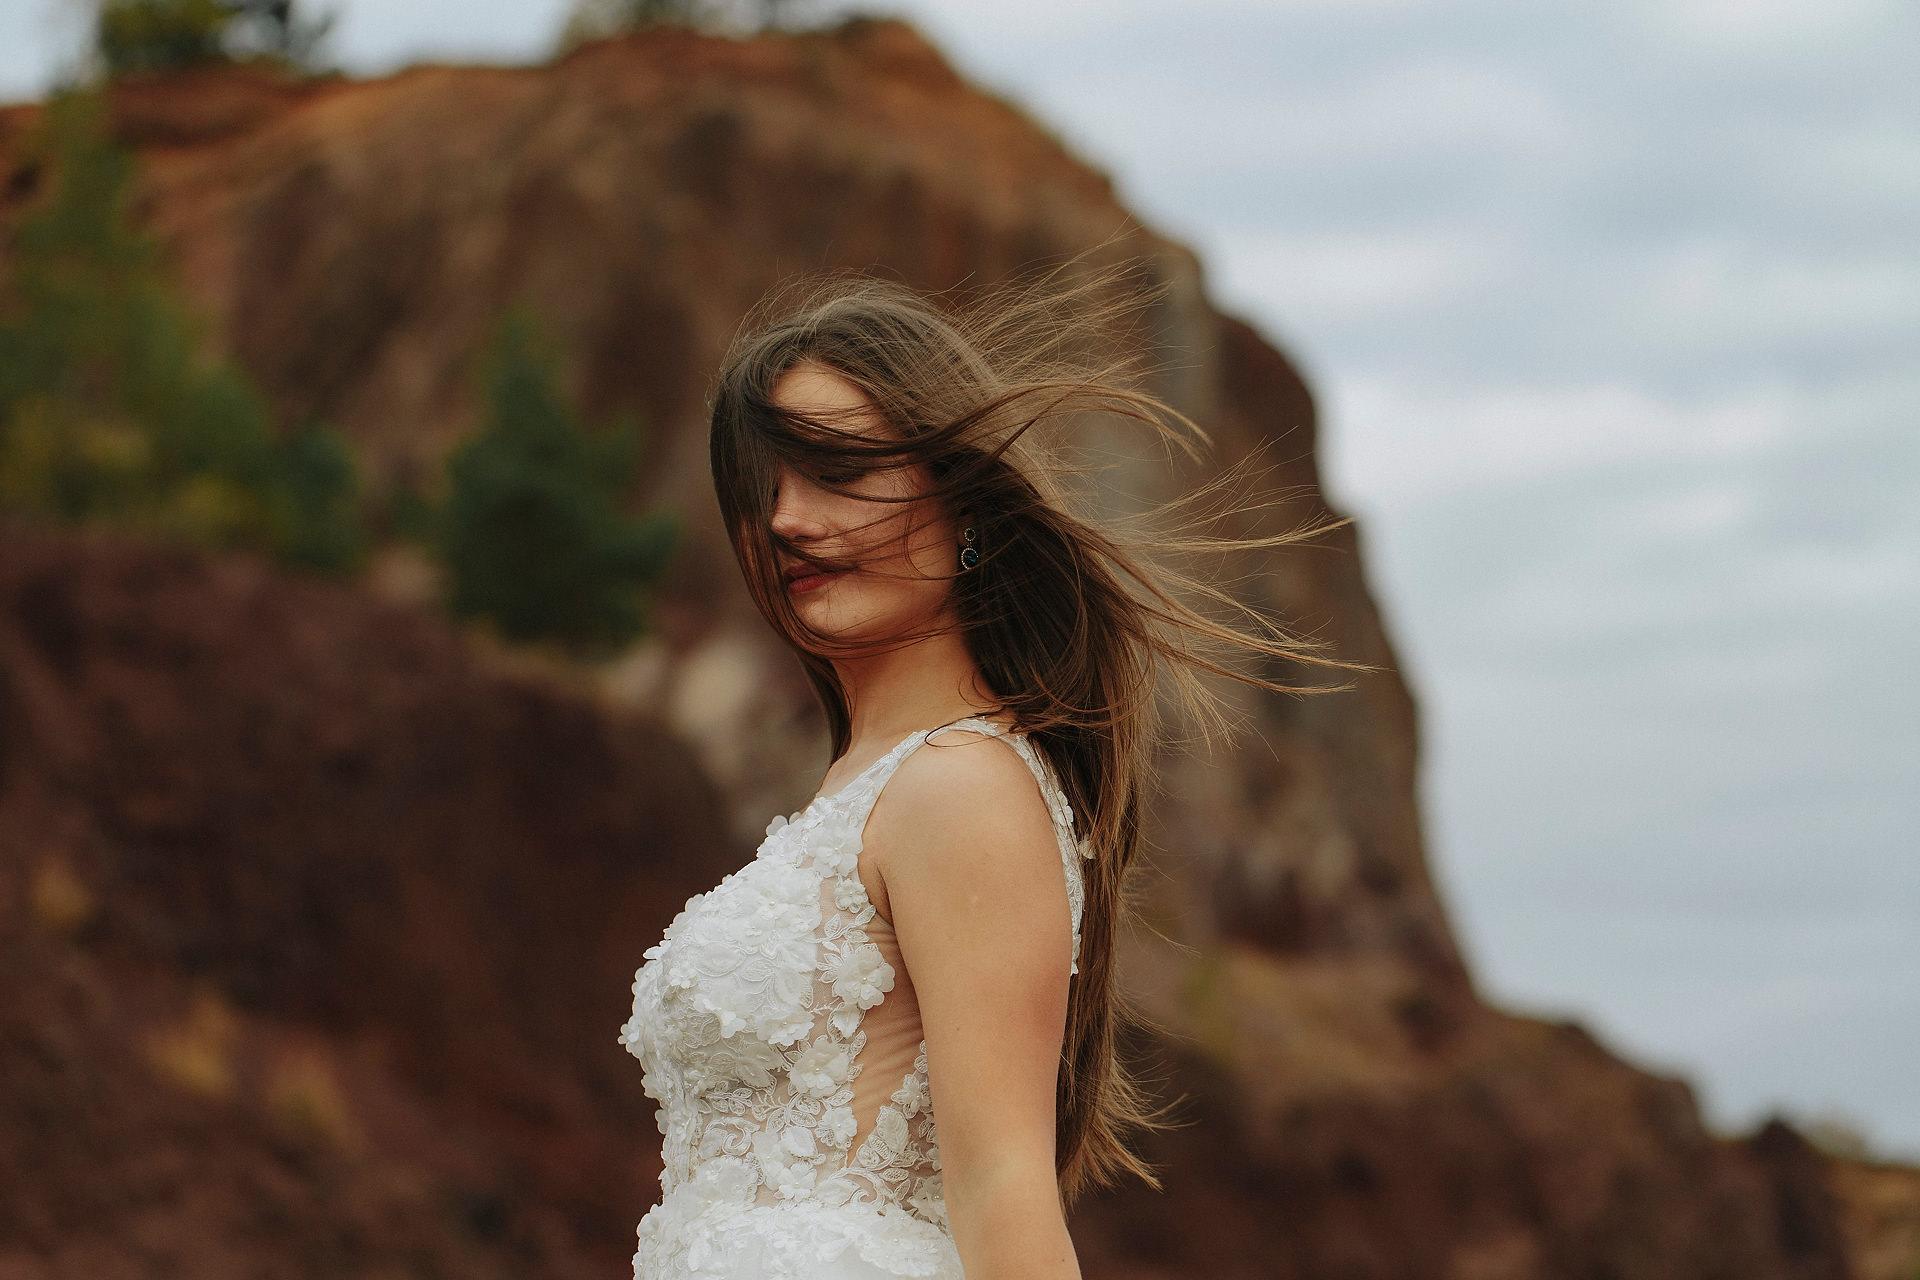 Fotograf-nunta-Racos-sesivede-fotografie-foto-nunta-02